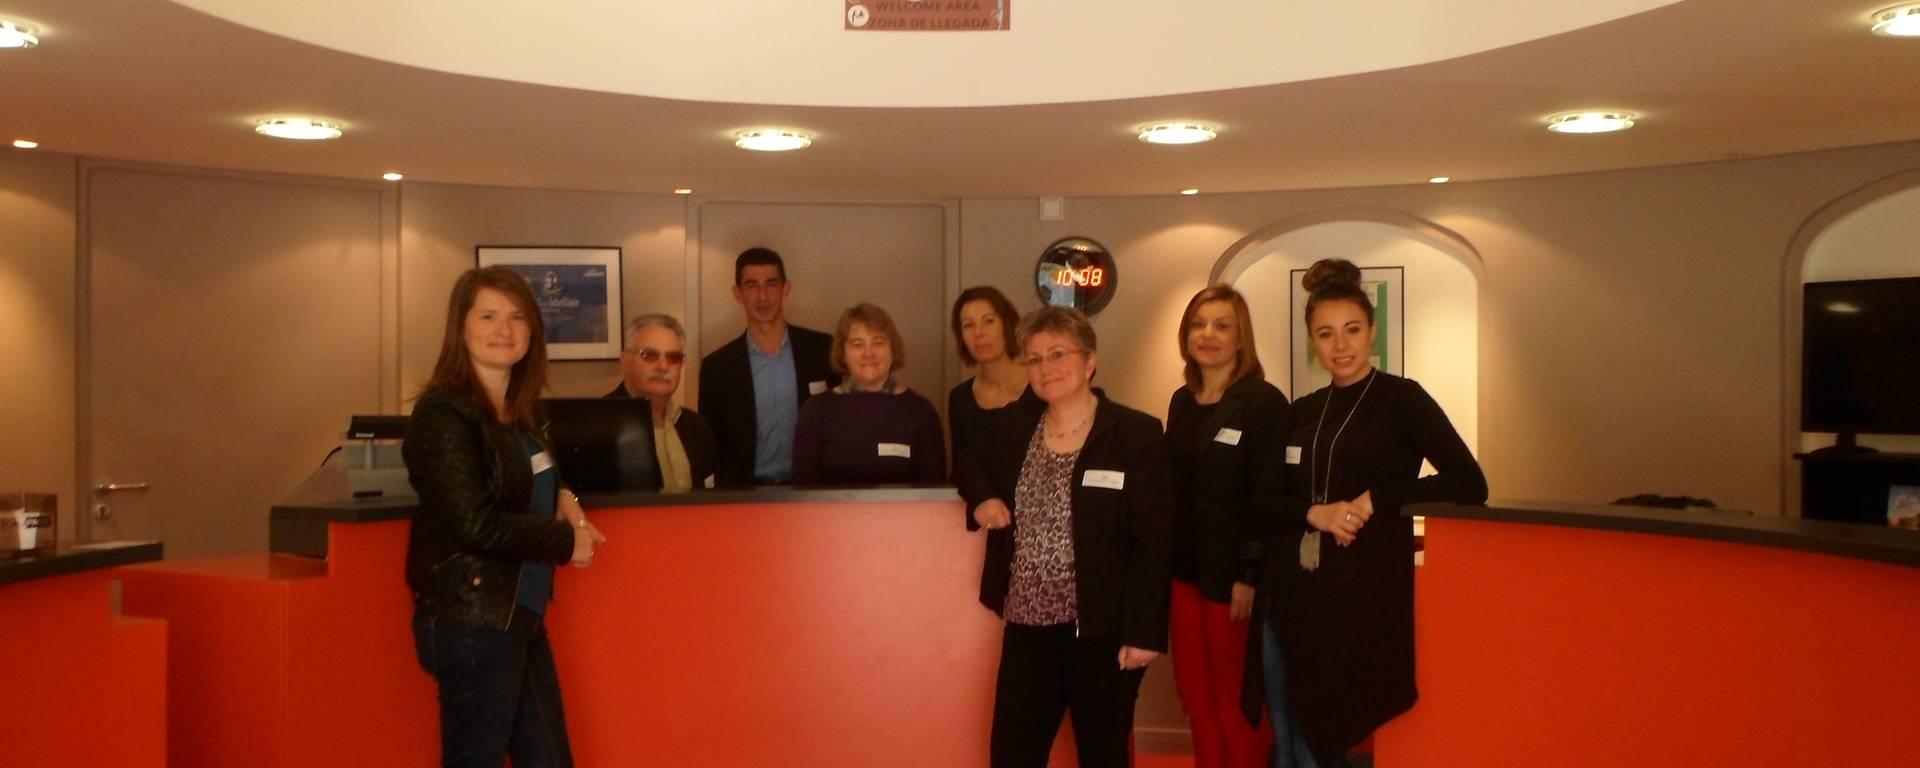 Equipe Office de Tourisme La Roche-Posay